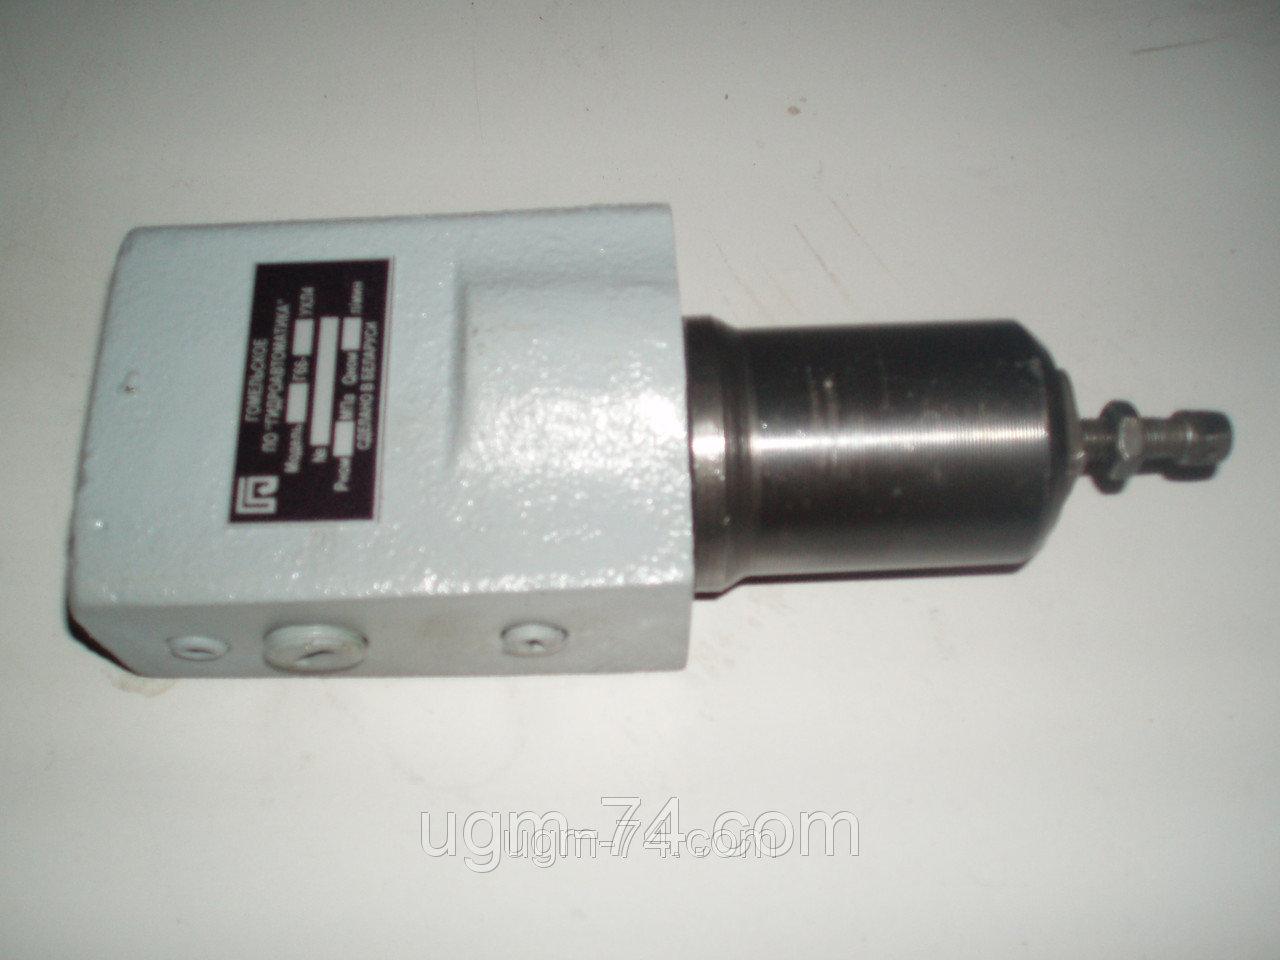 Гидроклапан АГ66-34М